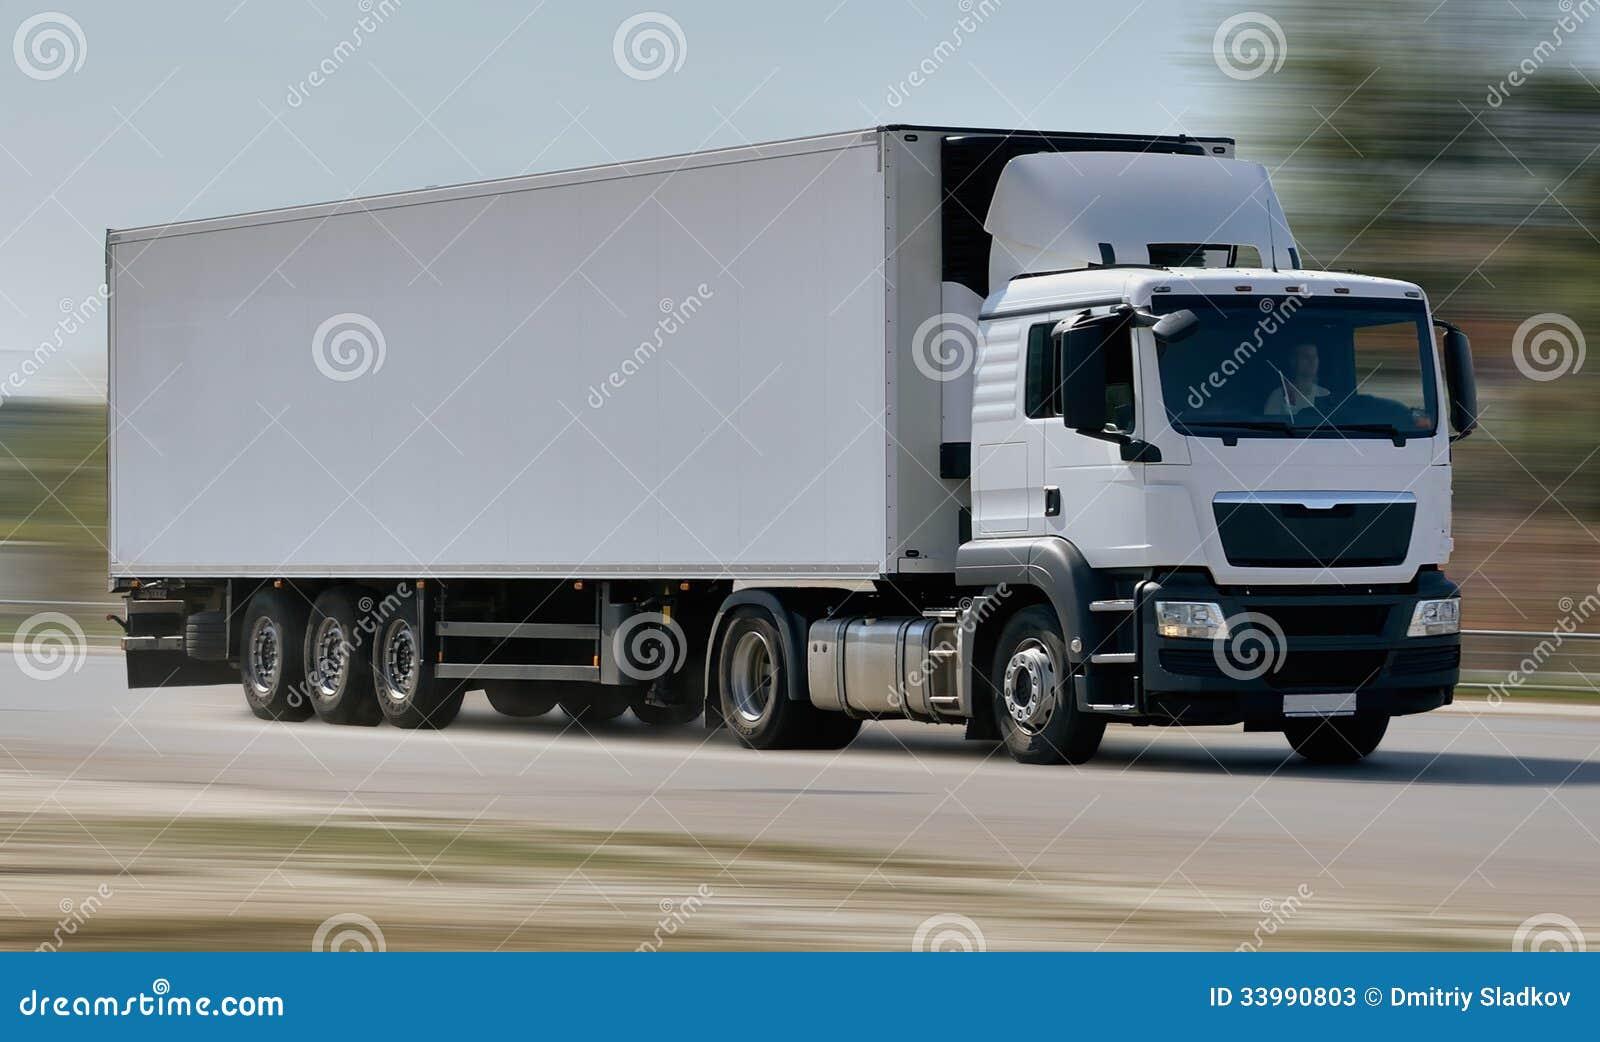 Cargo Truck Stock Photos - Image: 33990803